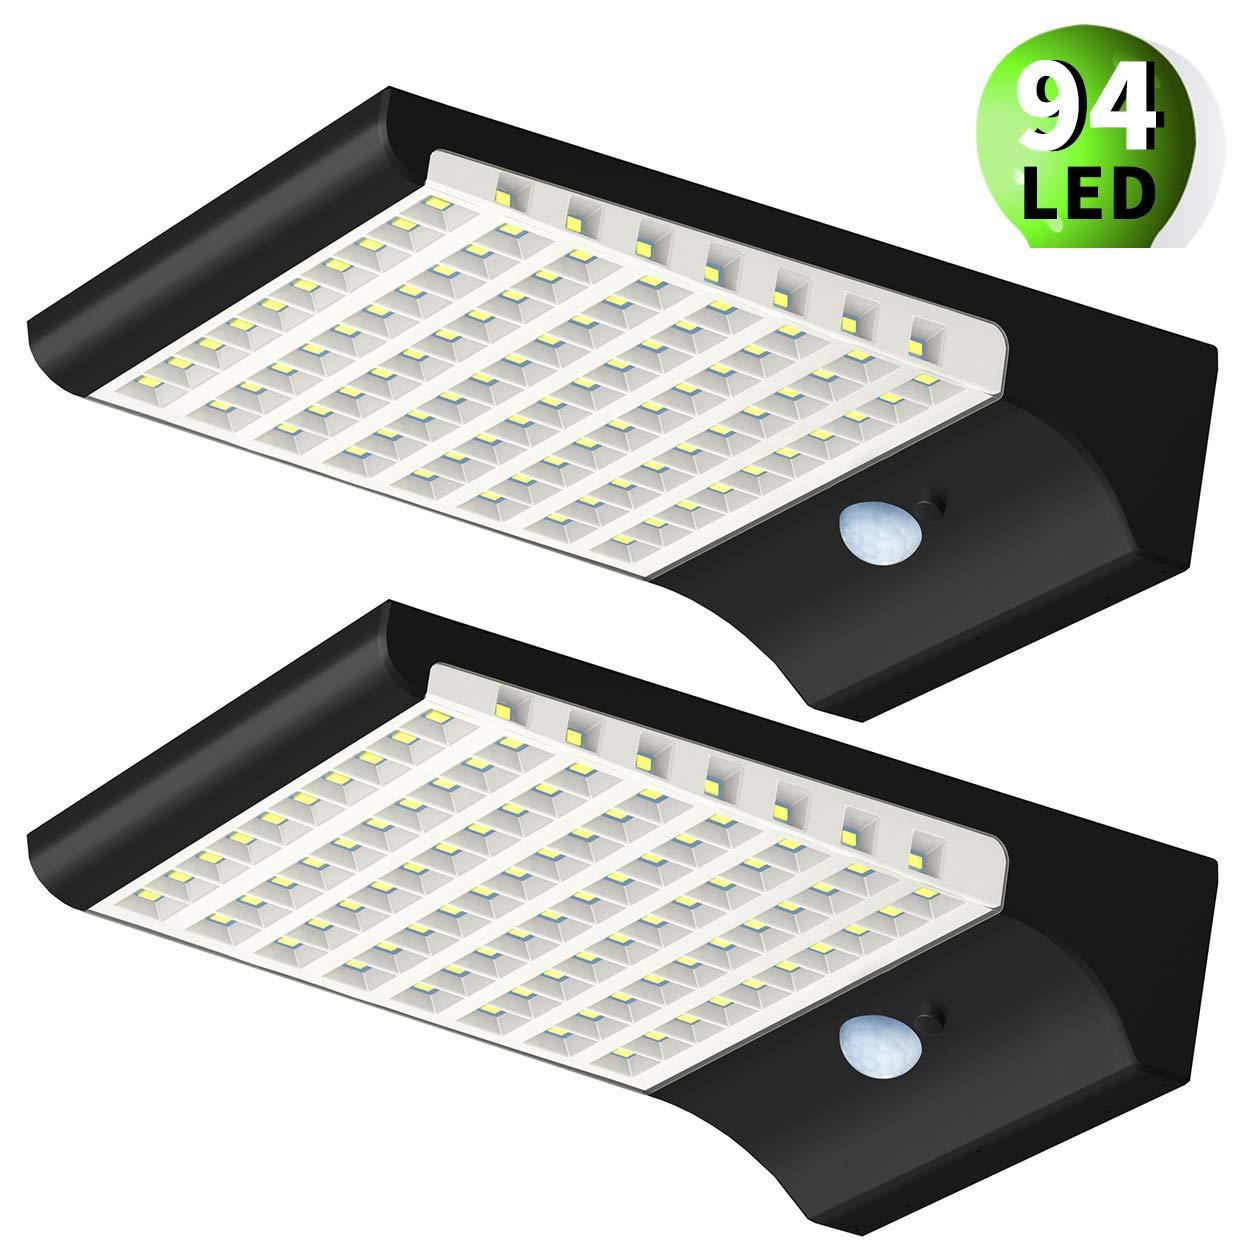 Fortand Luce Solare Esterno 94LED 1500LM Lampada a Energia Solare con Sensore di Movimento,Luci Solari Impermeabile 3 Modalit/à per Giardino,Muro